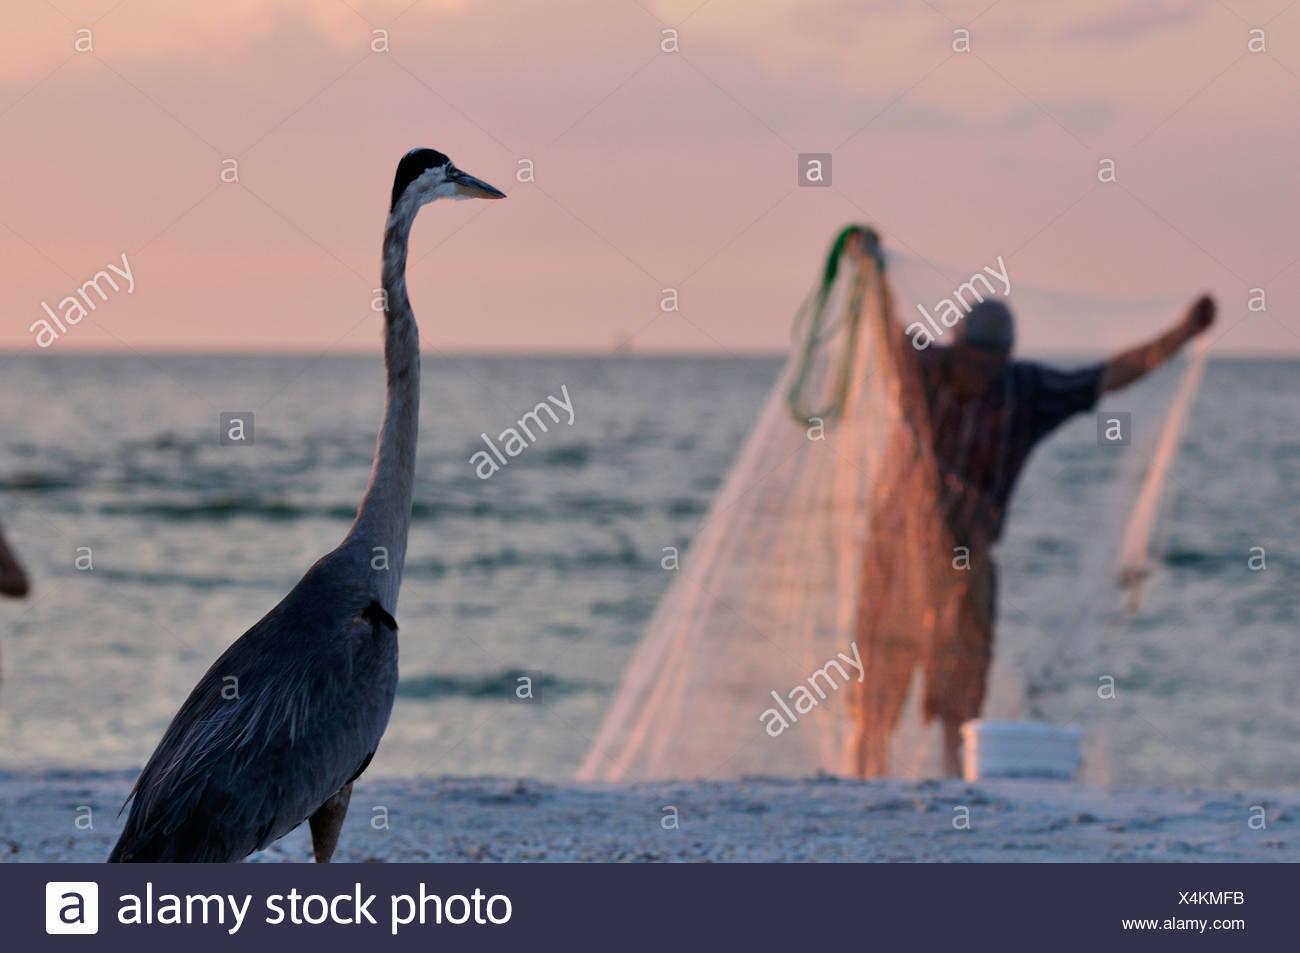 Heron, watching, fisherman, fishing net, Madeira Beach, near